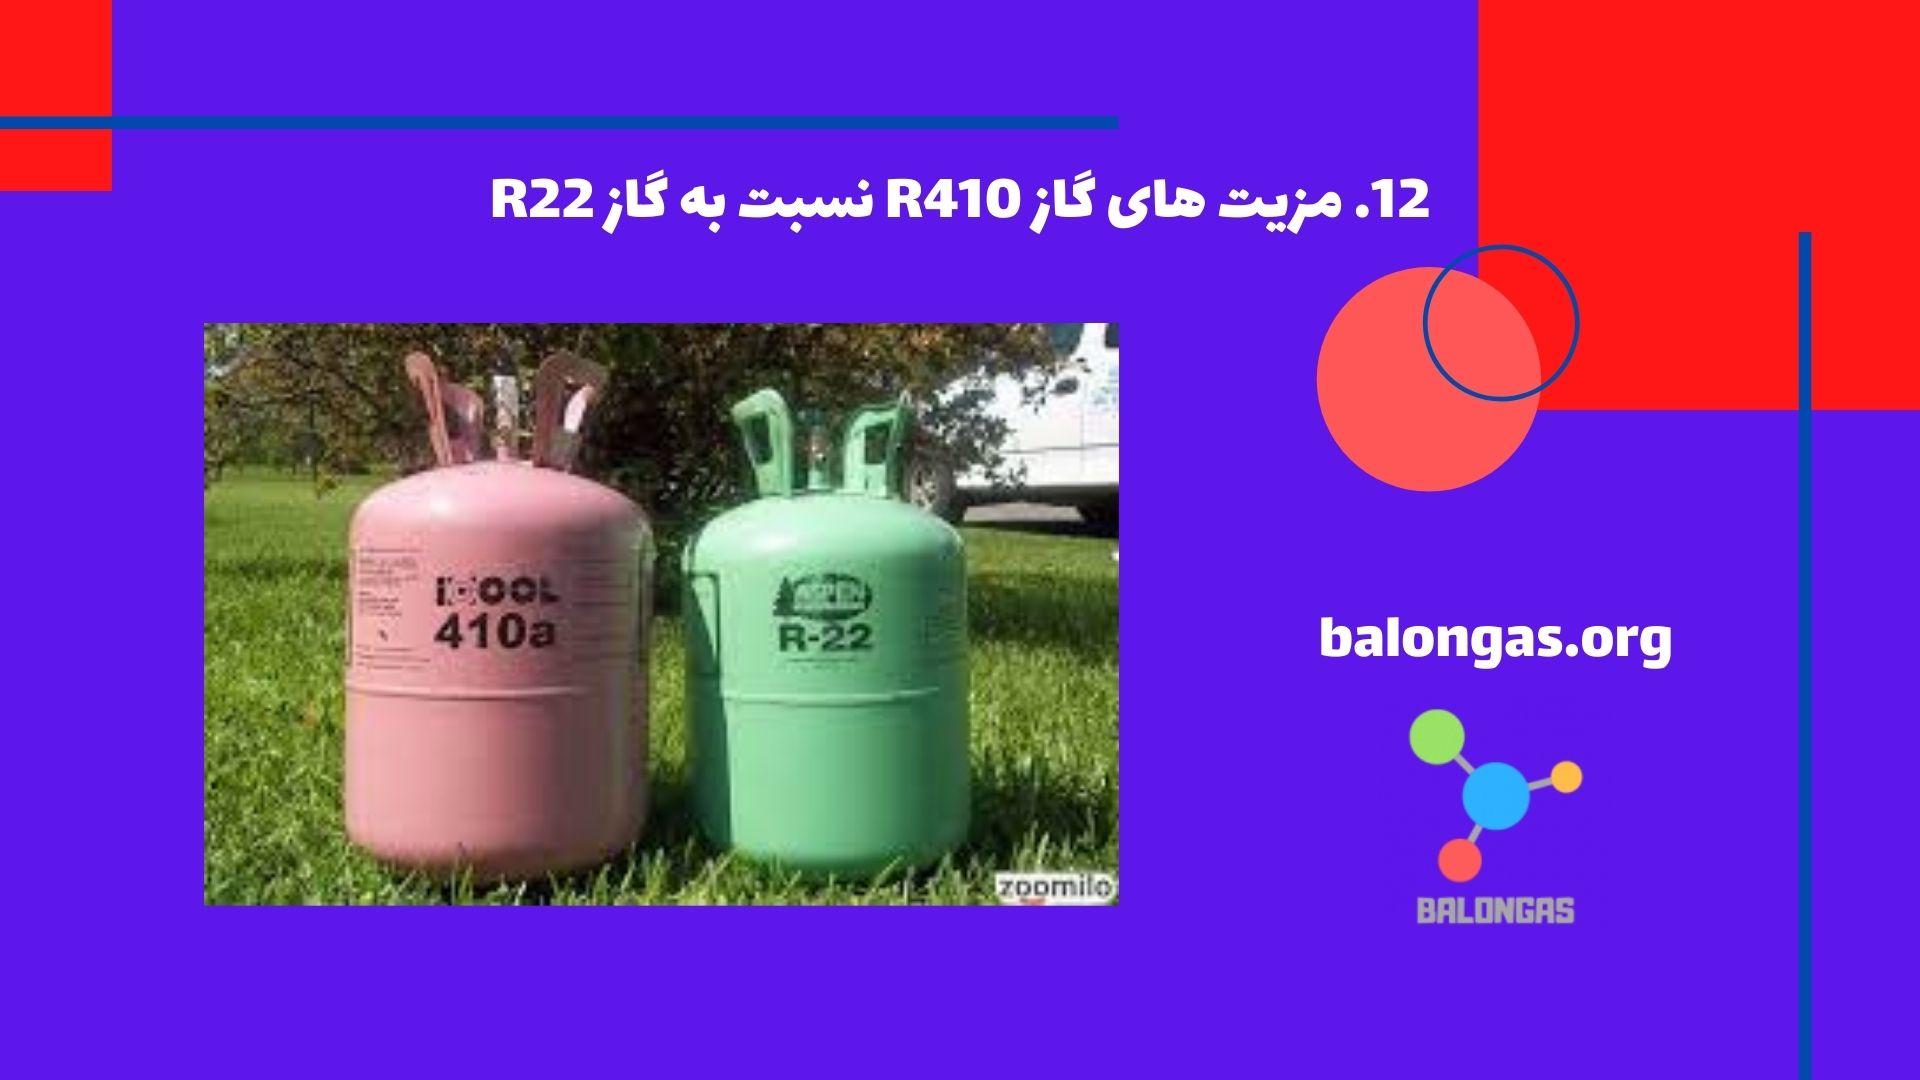 مزیت های گاز R410 نسبت به گاز R22